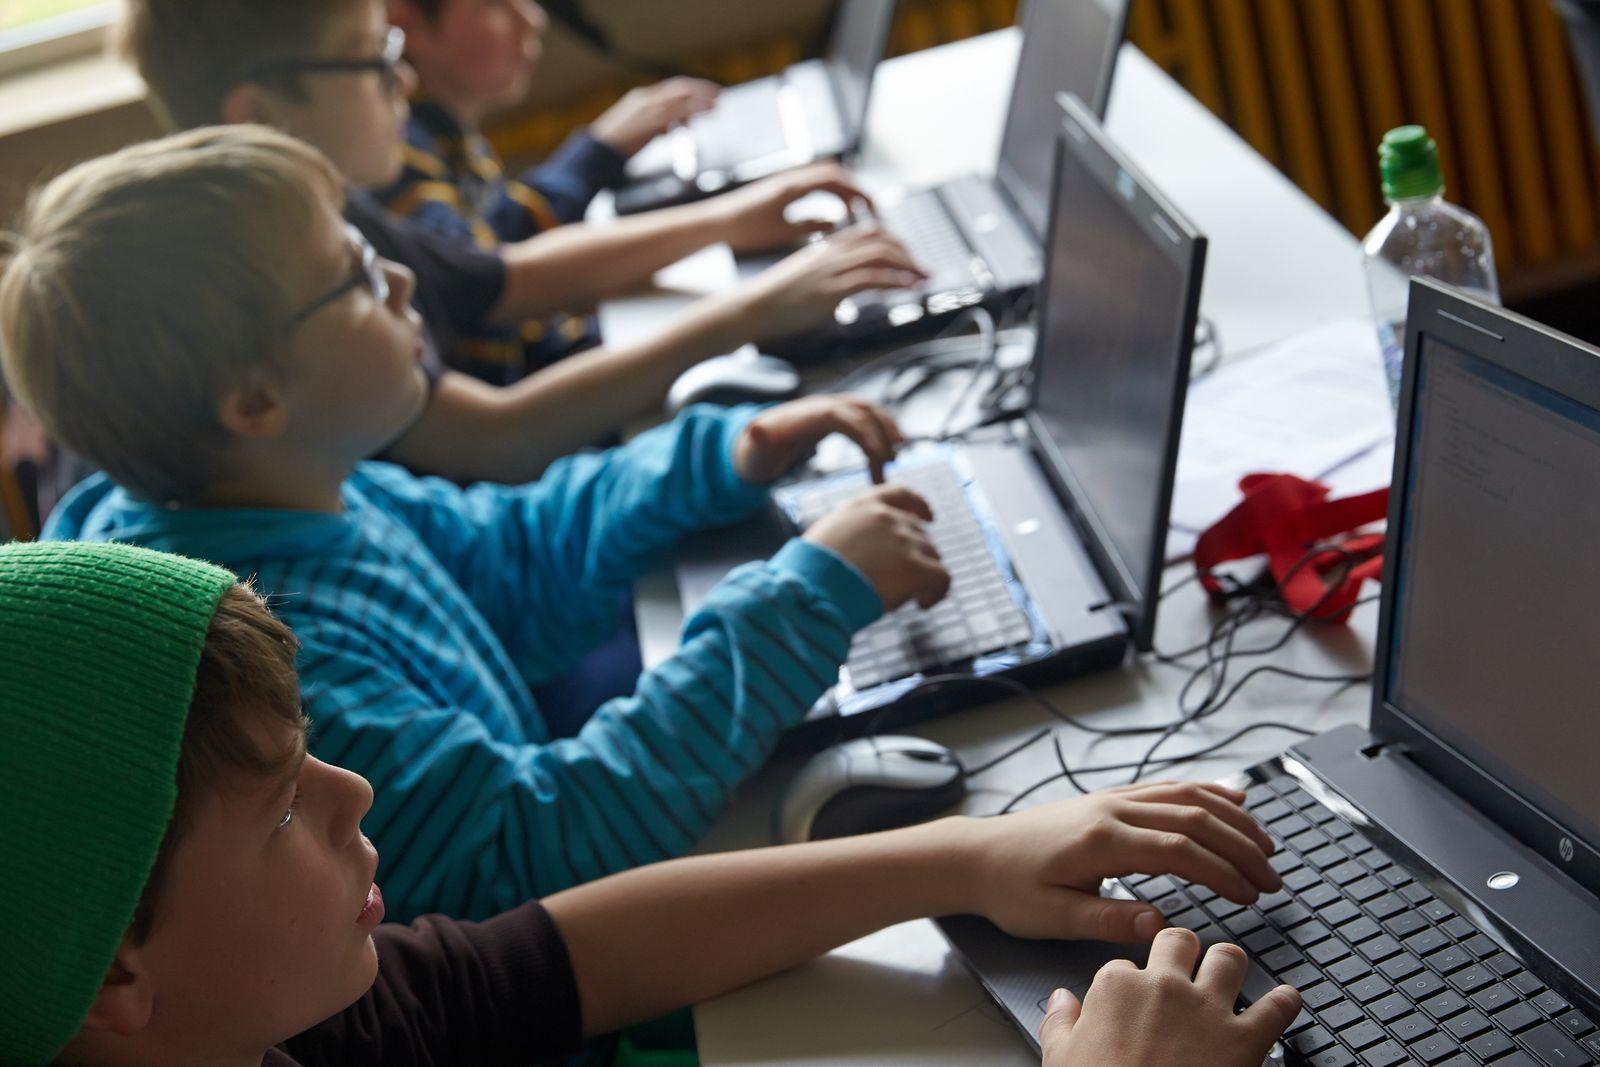 Kinder-College in Neuwied